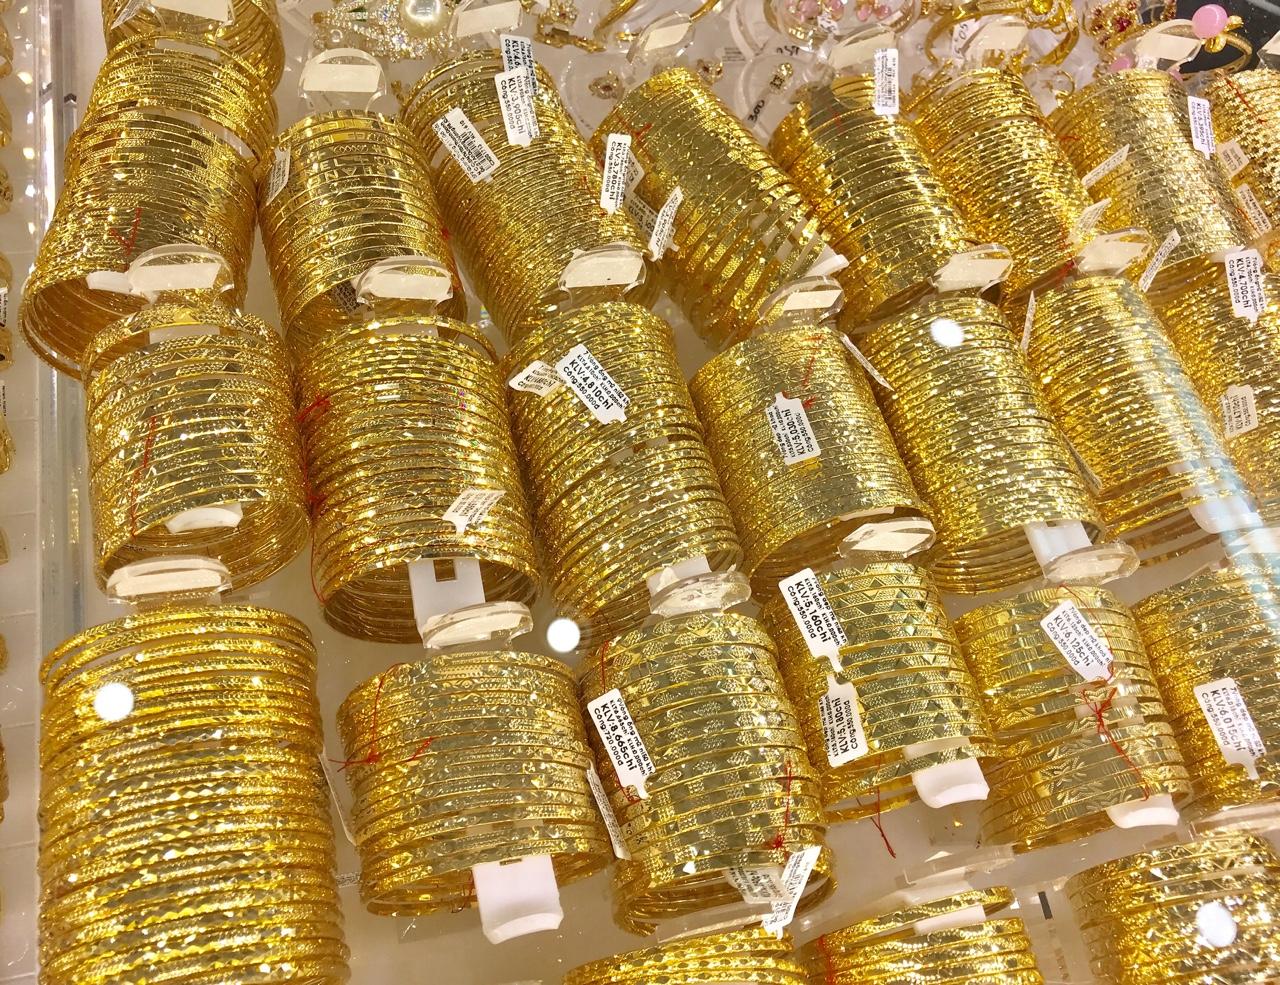 Giá vàng hôm nay 22/4: SJC chính thức vượt mốc 56 triệu đồng/lượng - Ảnh 1.